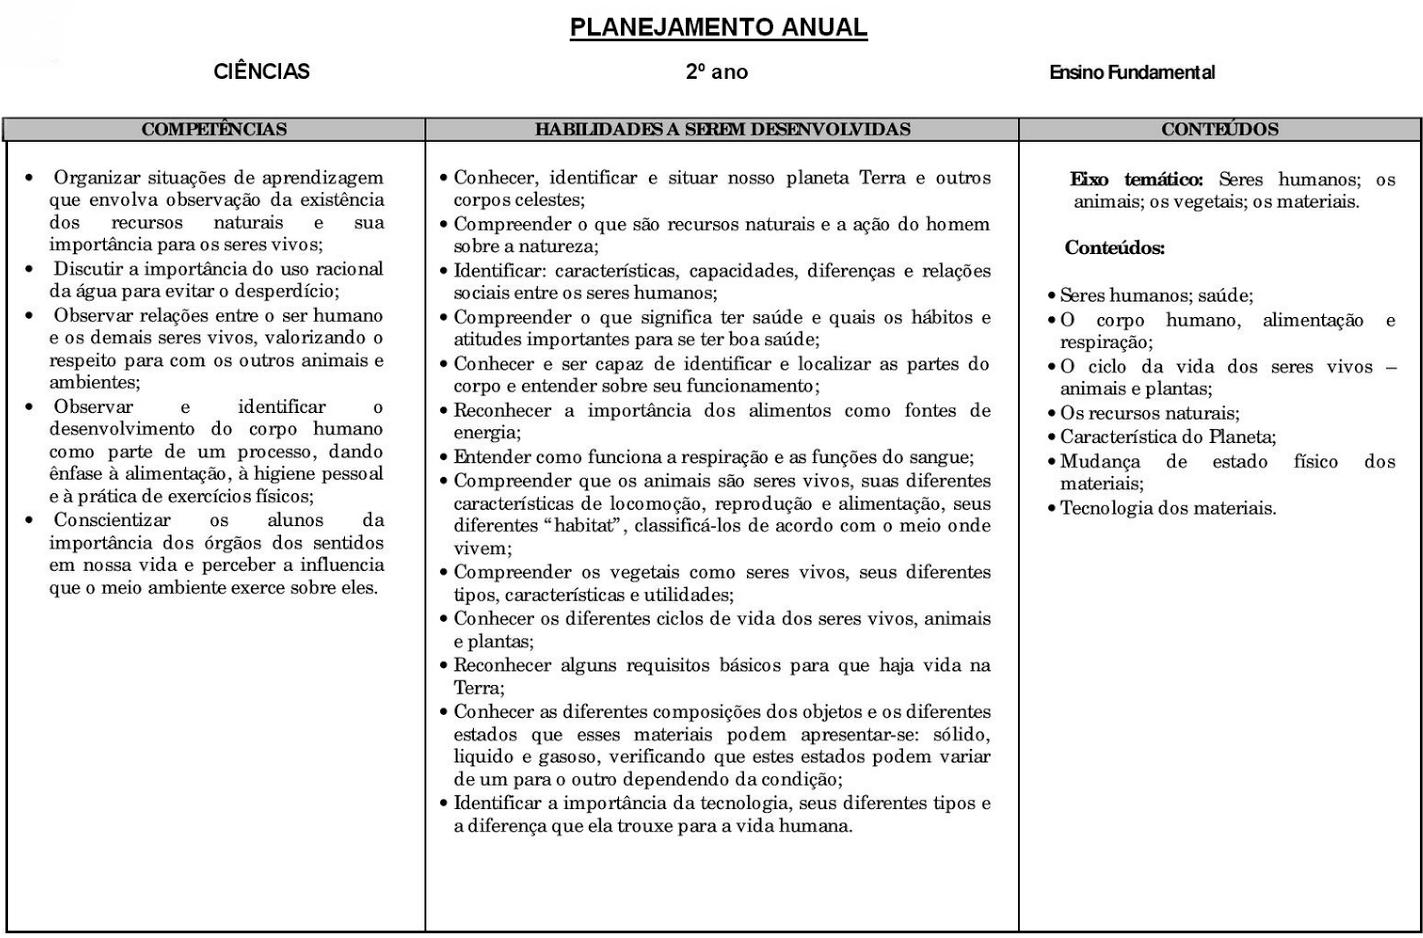 Planejamento anual 2 ano de Ciências para imprimir